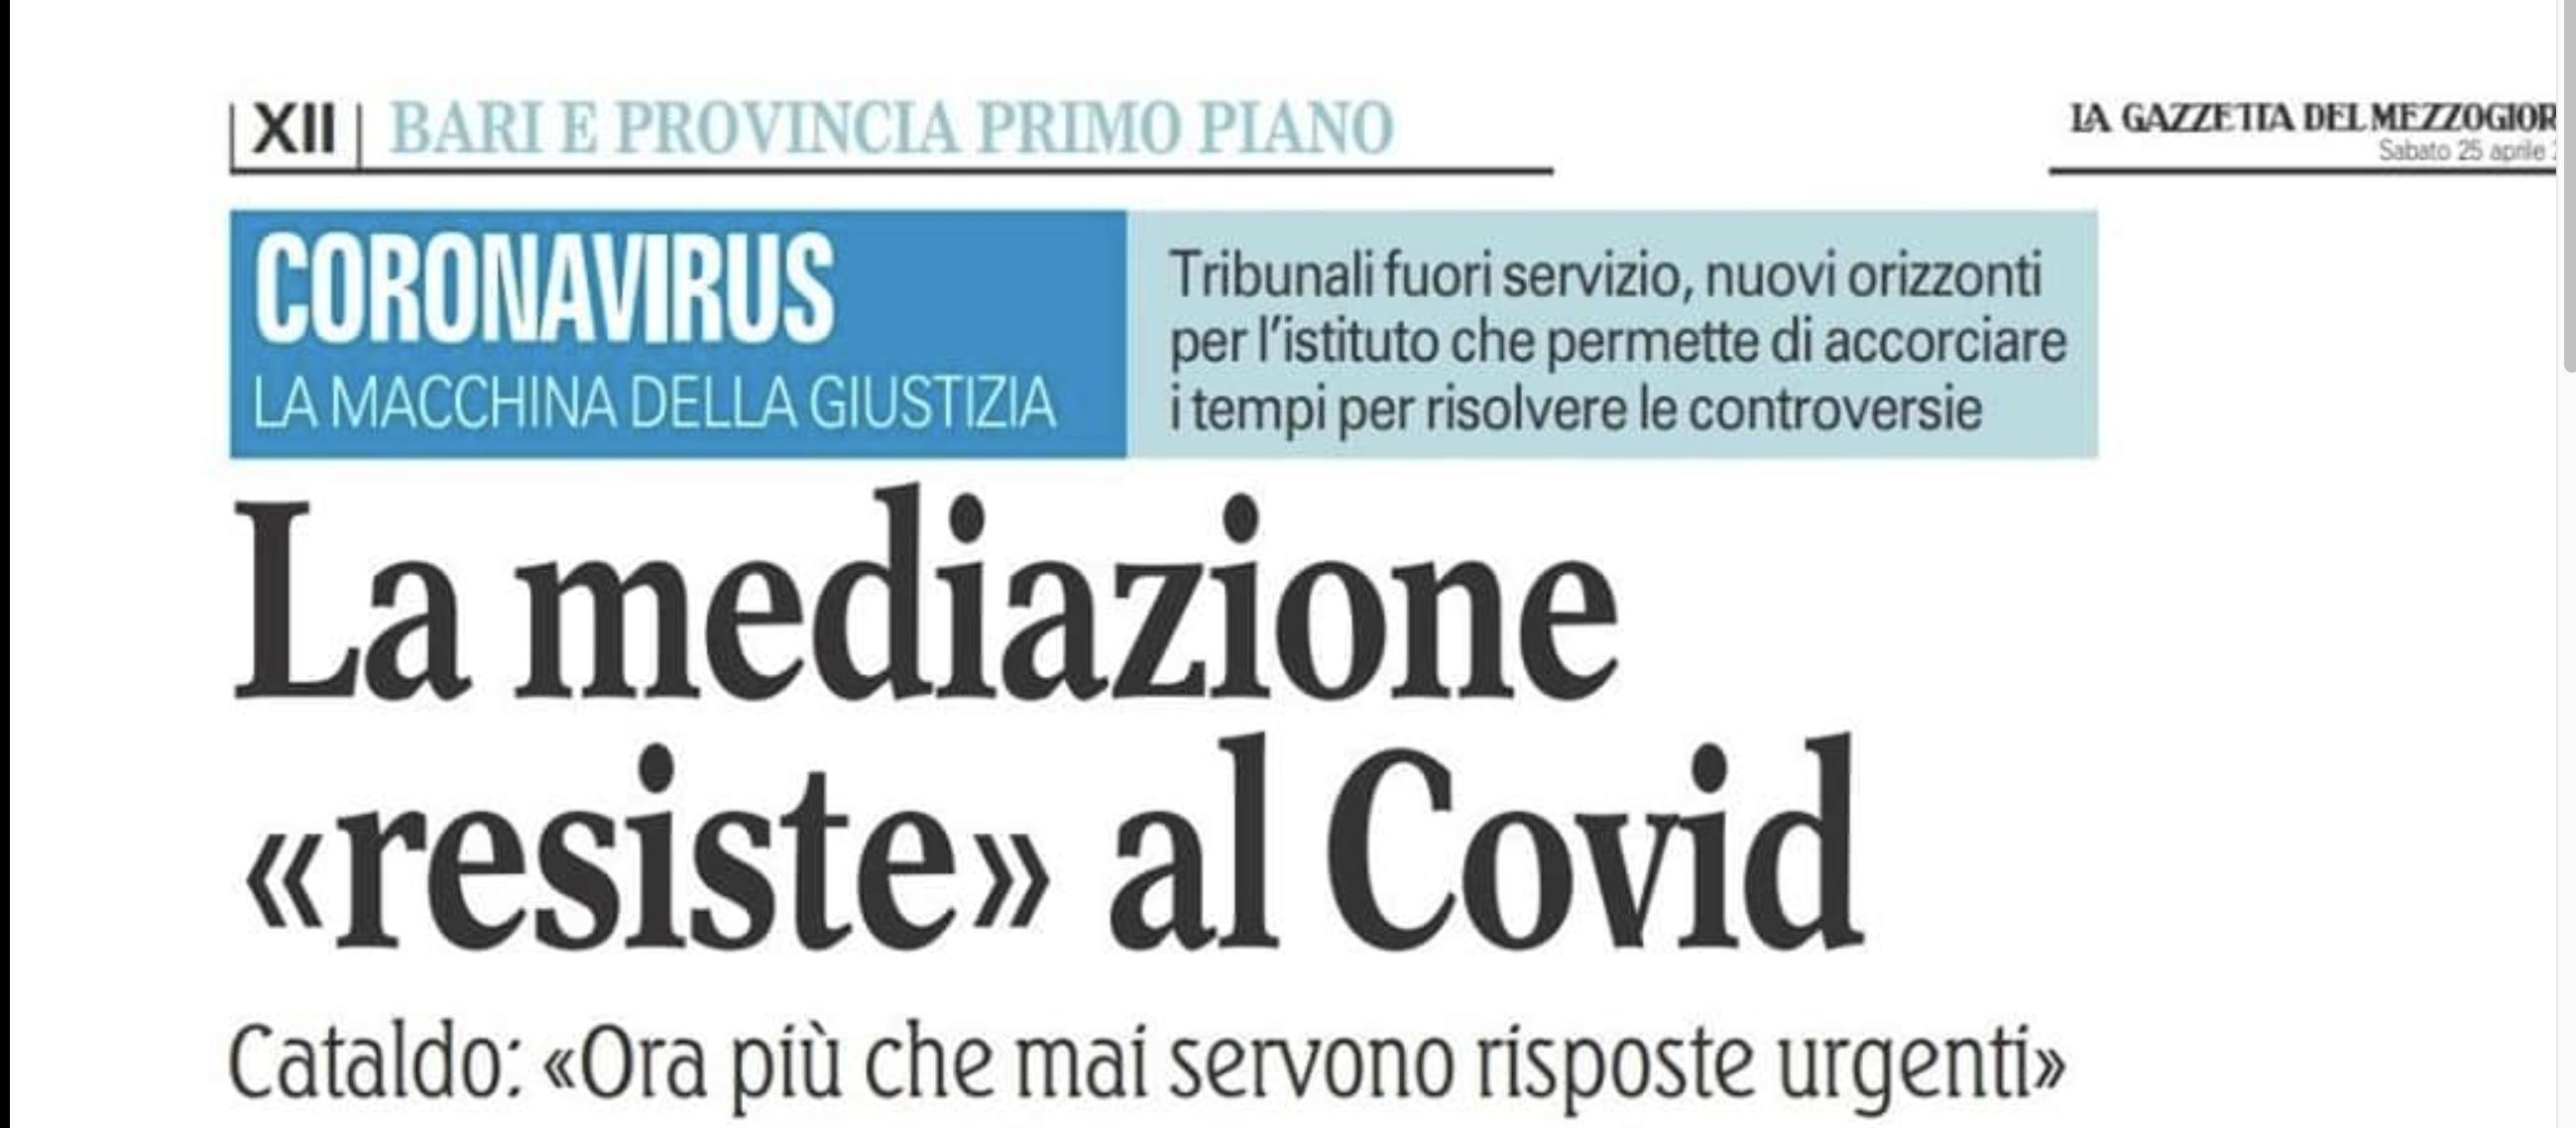 Pubblichiamo l'intervista fatta alla nostra coordinatrice regionale della Puglia, Avv. MARISA CATALDO dalla giornalista del Corriere del Mezzogiorno MARINA DIMATTIA.